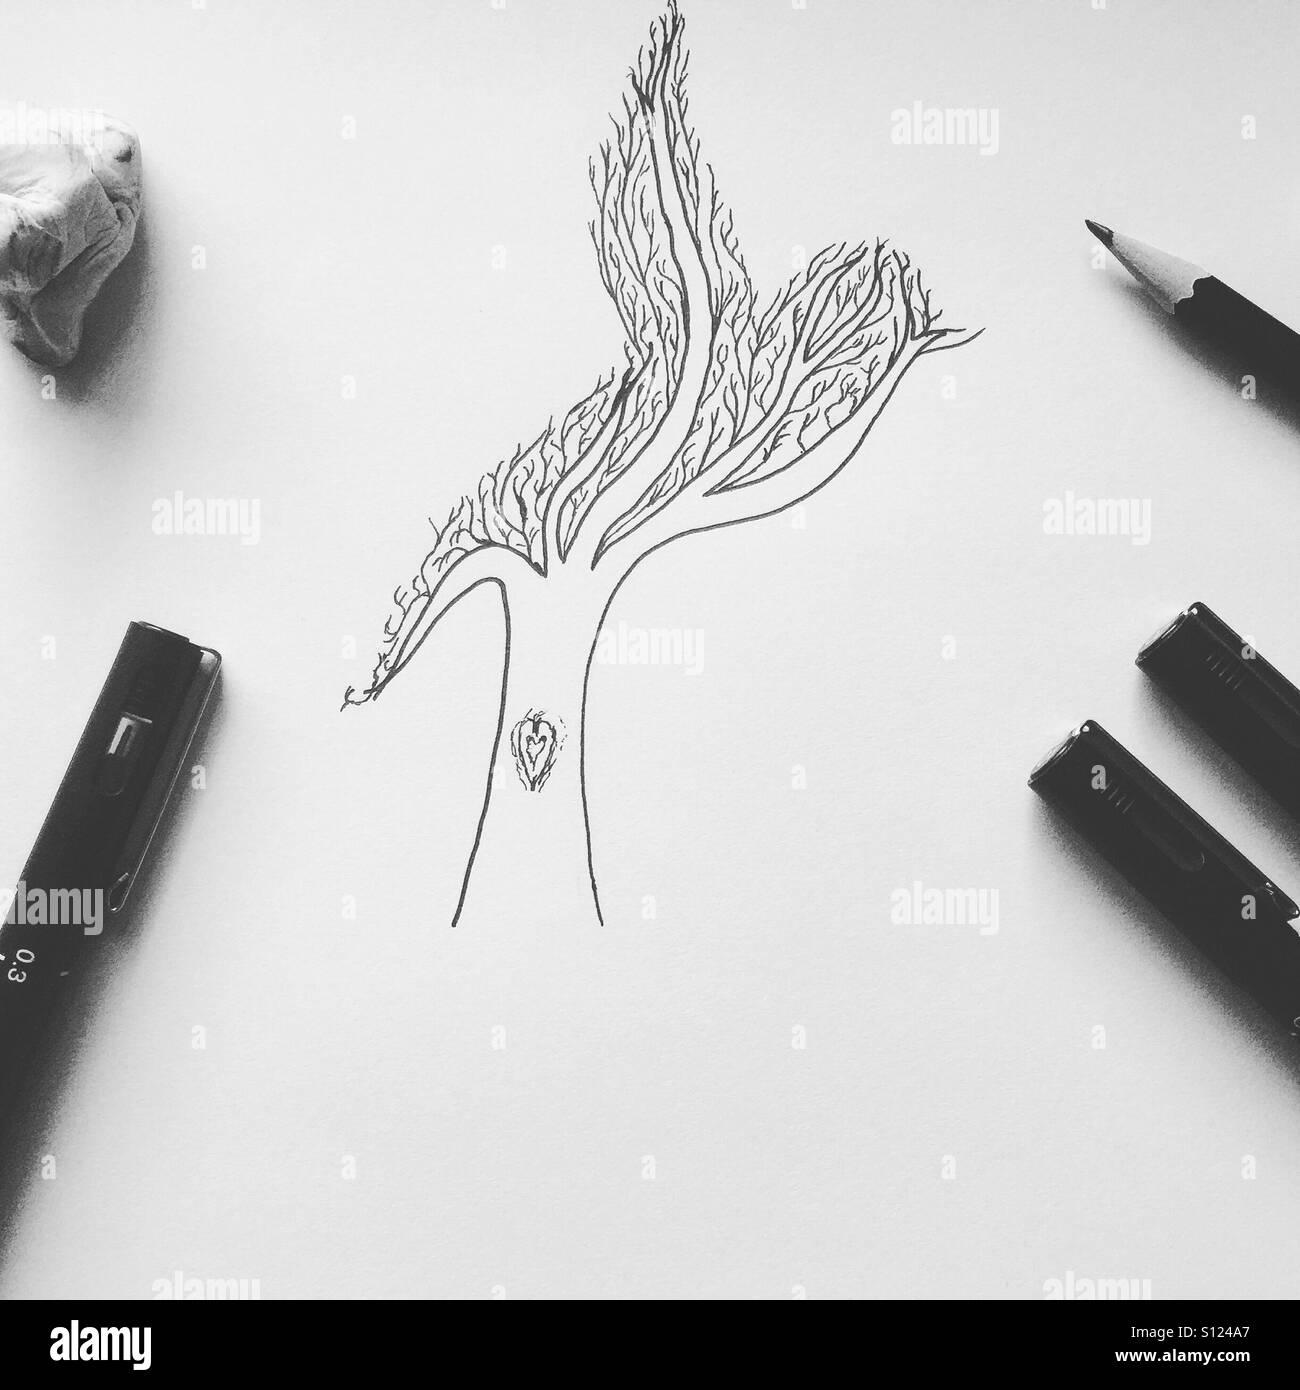 Disegnata a mano albero nella forma di un uccello Immagini Stock